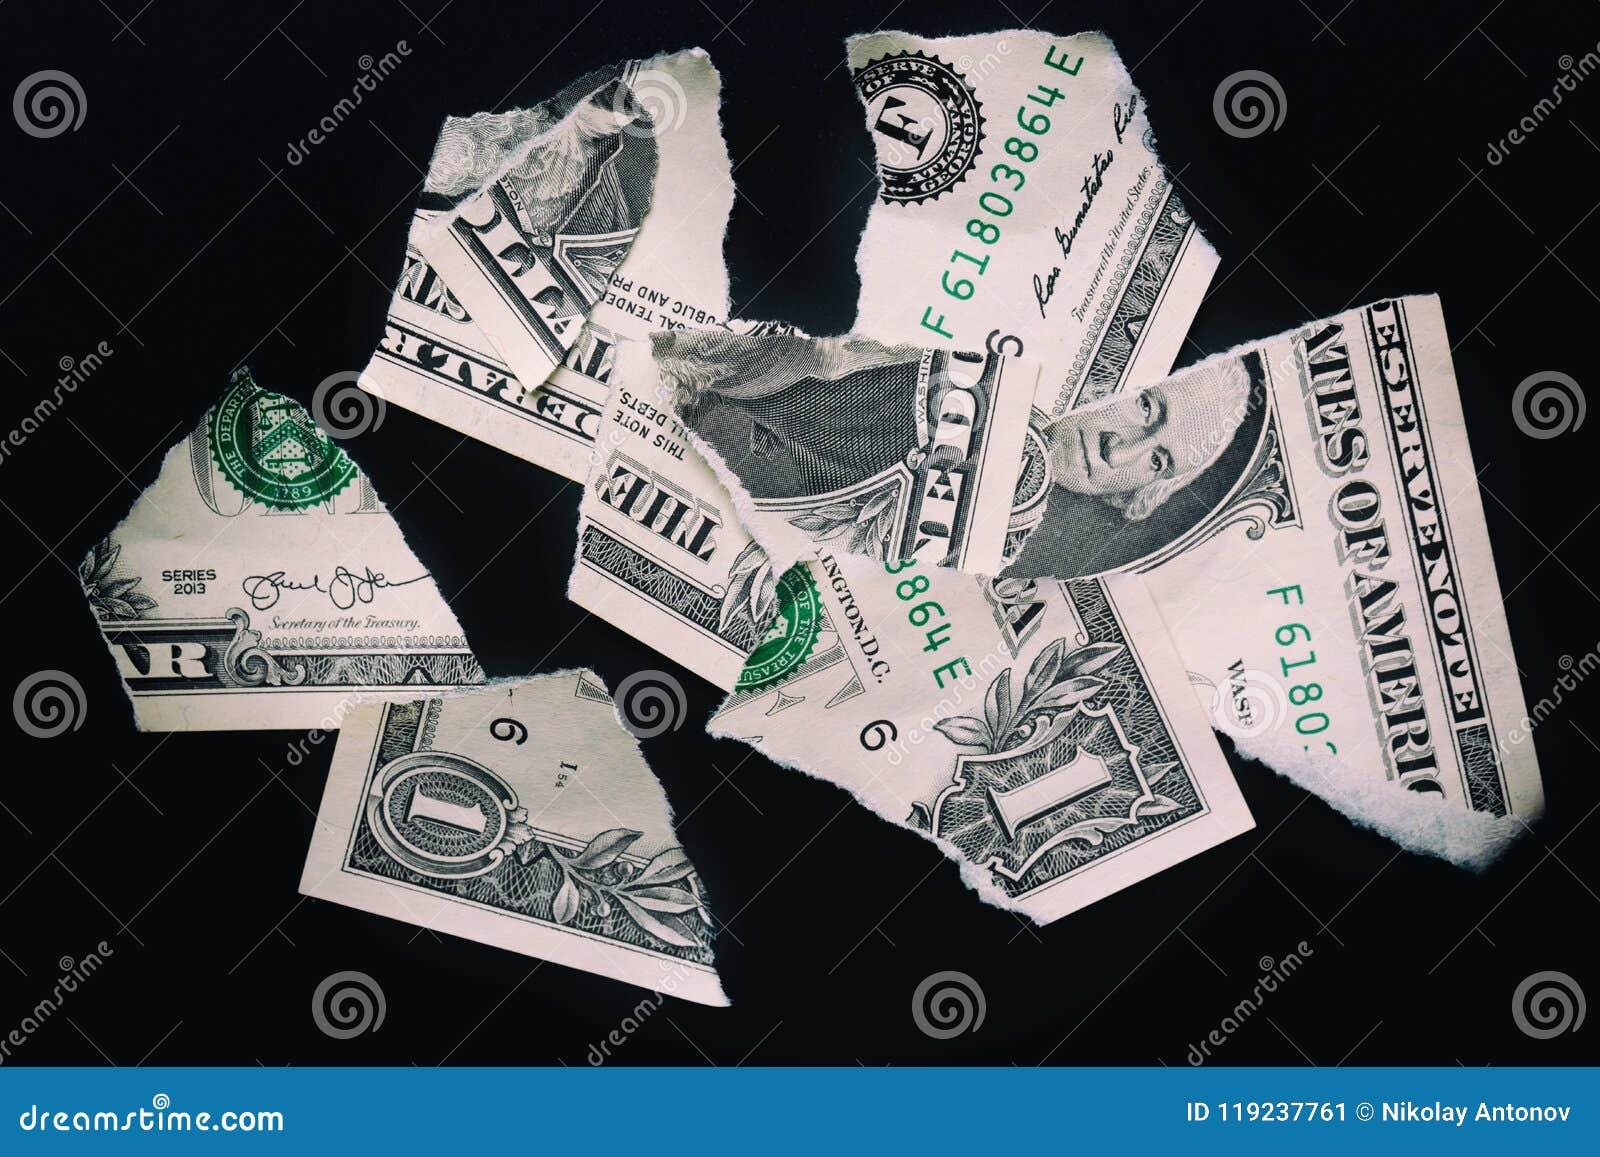 Rasgado rasgó devaluado un billete de banco del dólar en un fondo negro